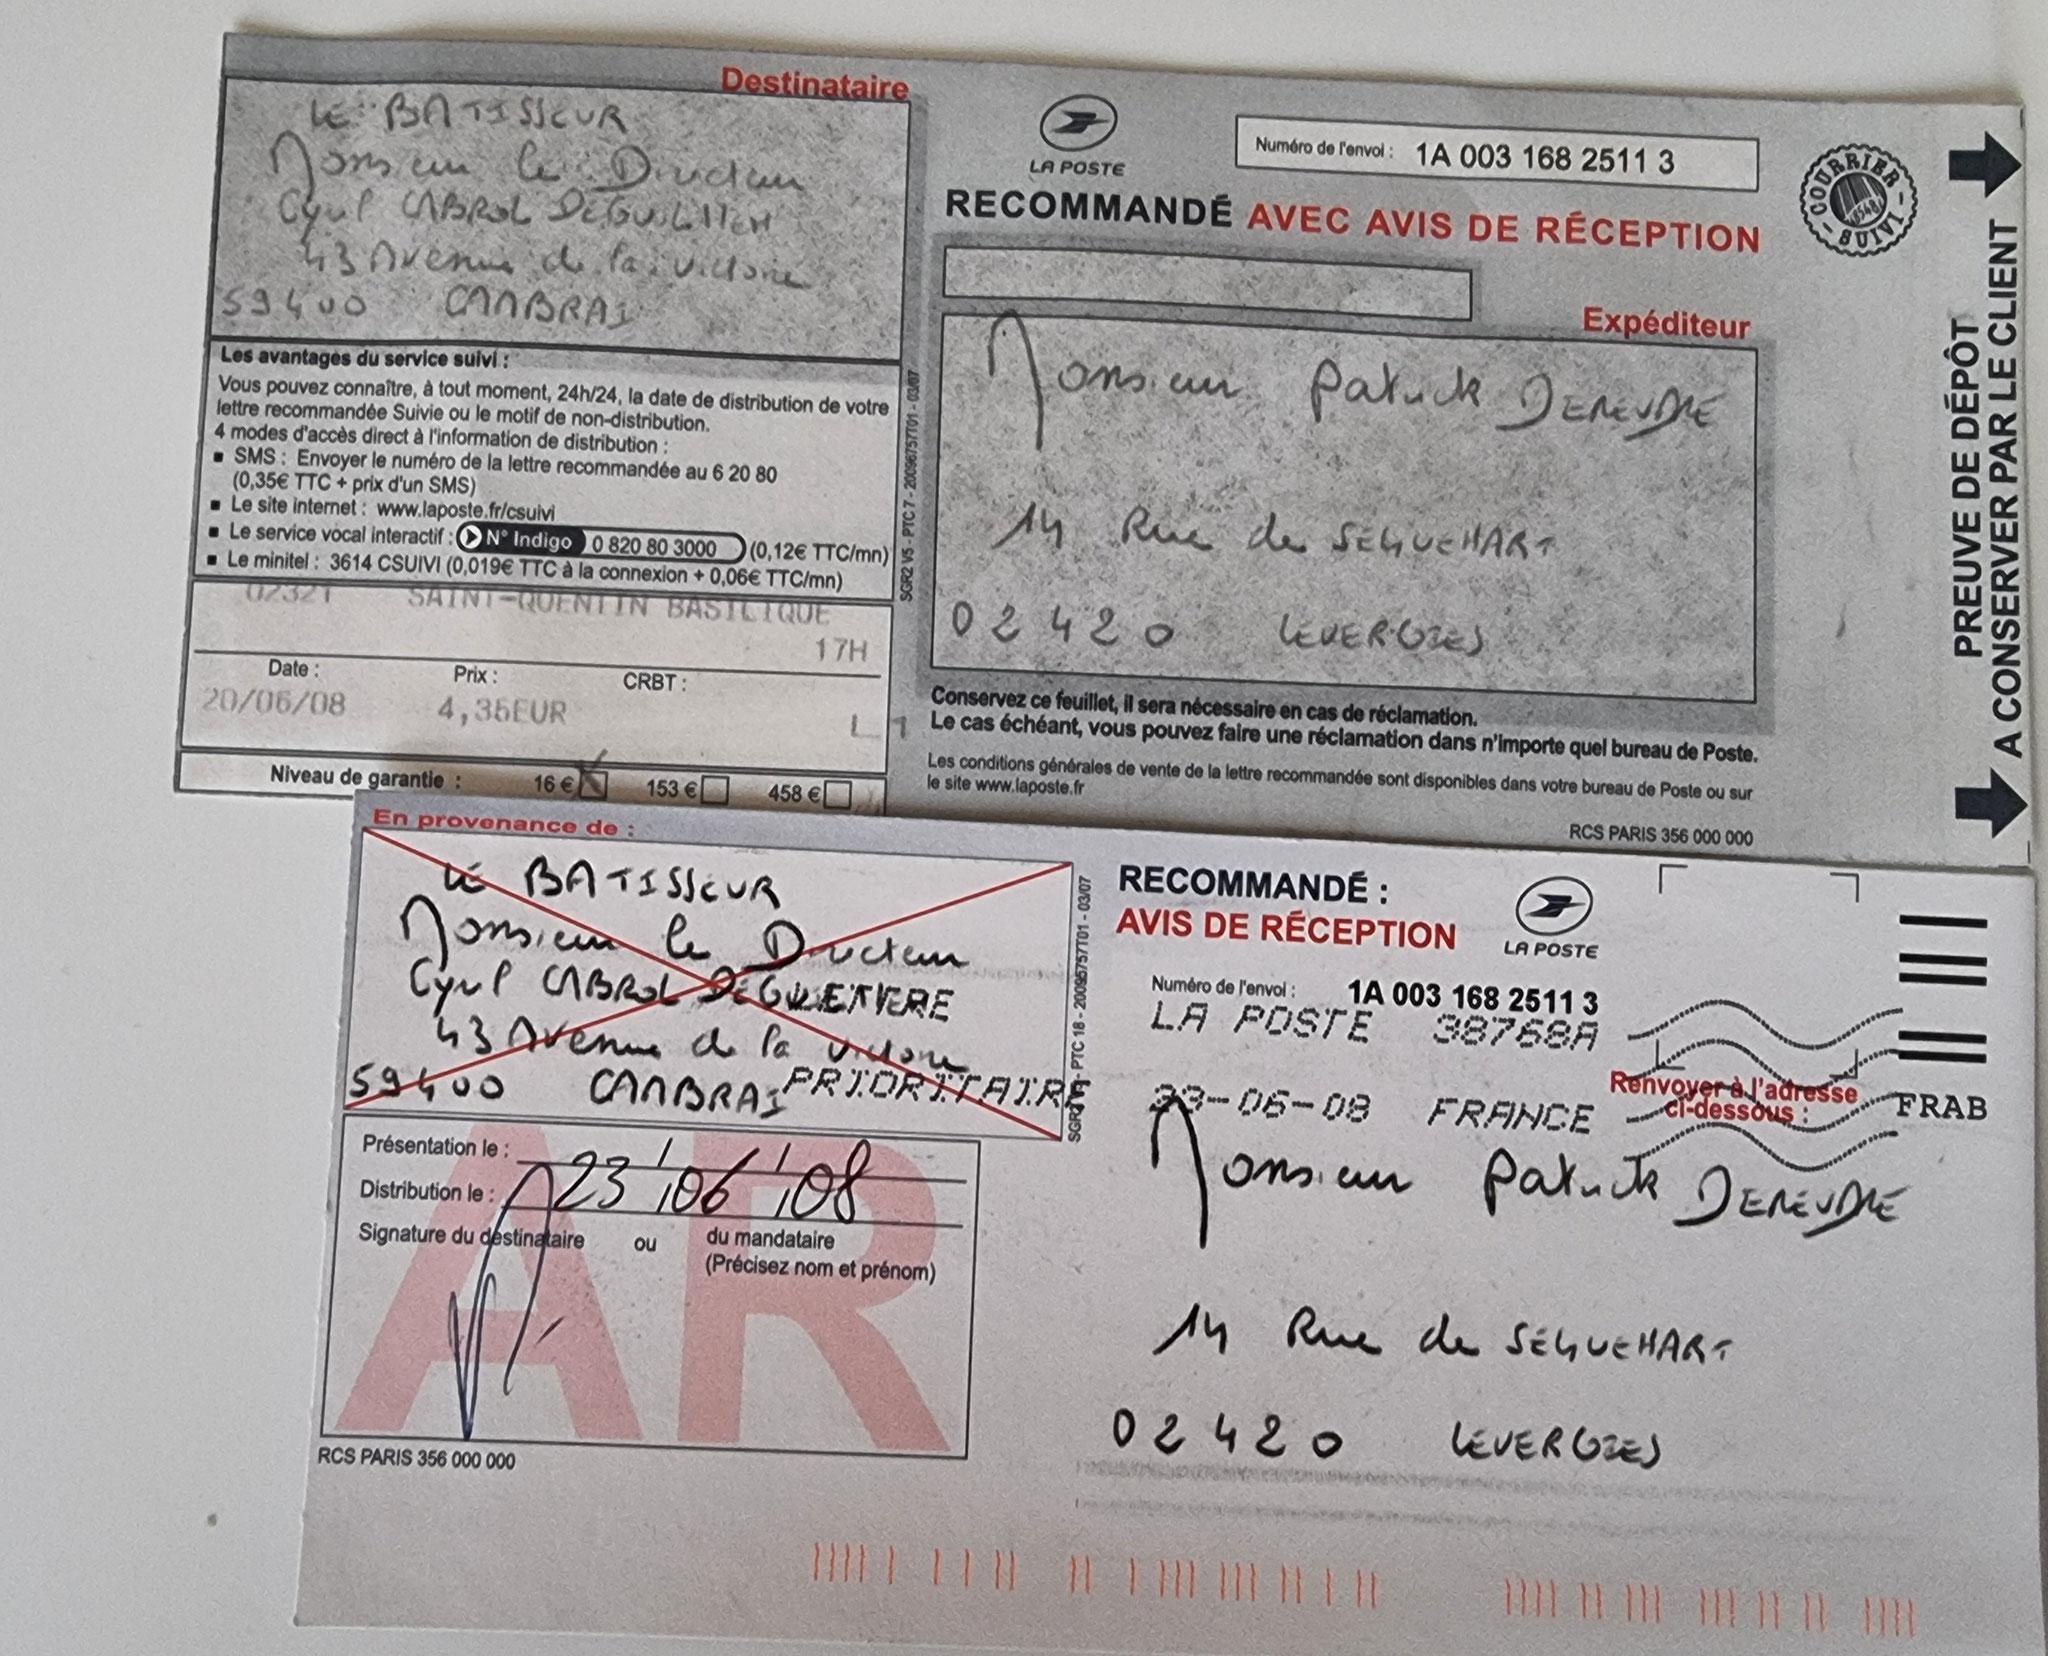 En date du 20 Juin 2008, j'adresse une LRAR à Monsieur Cyril CABROL le Directeur de notre constructeur LE BATISSEUR à CAMBRAI entreprise aujourd'hui en faillite www.jenesuispasunchien.fr www.jesuispatrick.fr www.jesuisvictime.fr